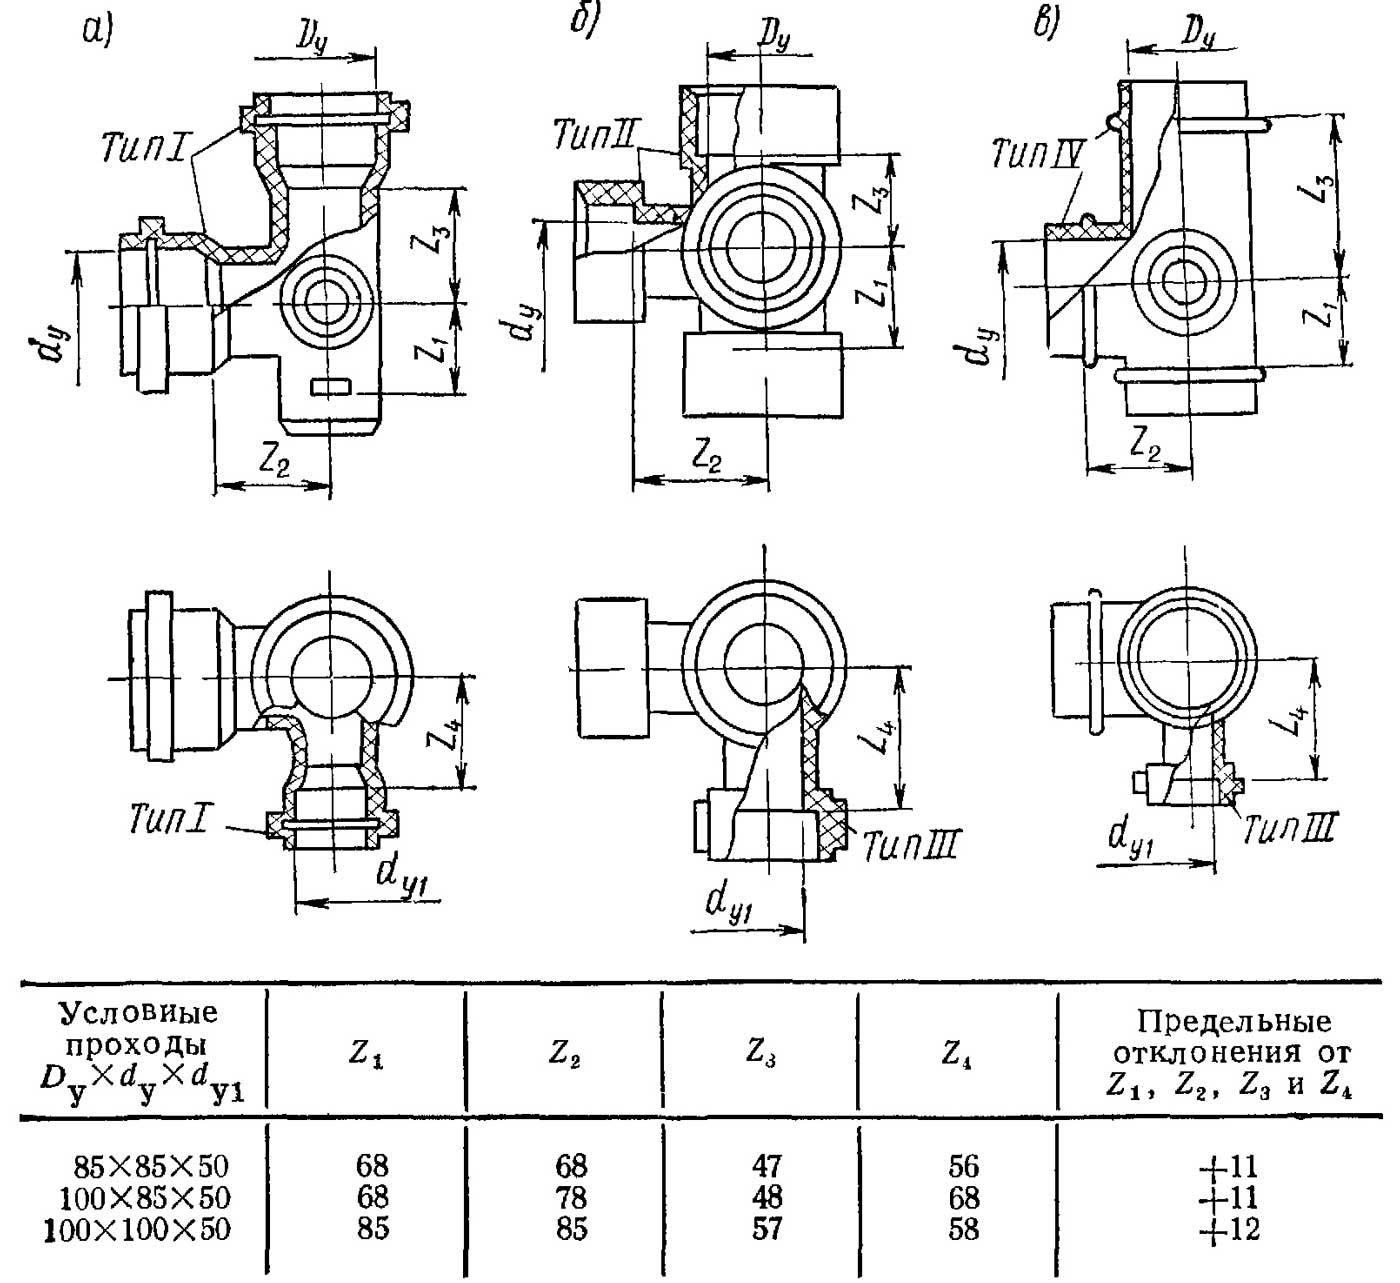 Как соединить чугунную канализационную трубу с пластиковой: переход, вставка в трубы канализации, переходник соединения, состыковка